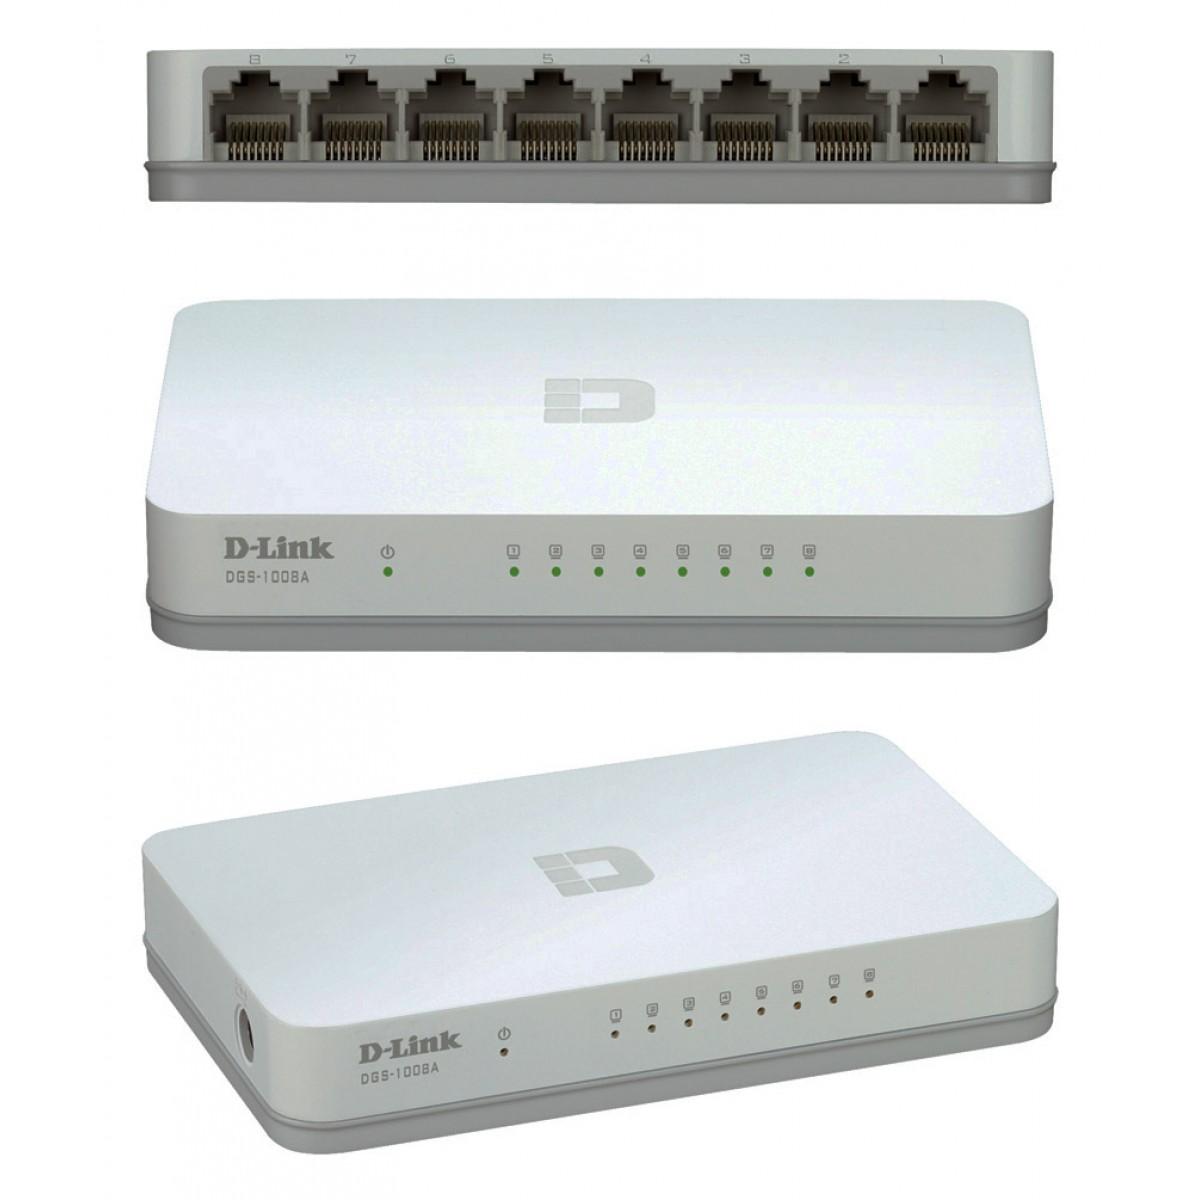 D-LINK 8 Port Unmanaged Gigabit Switch